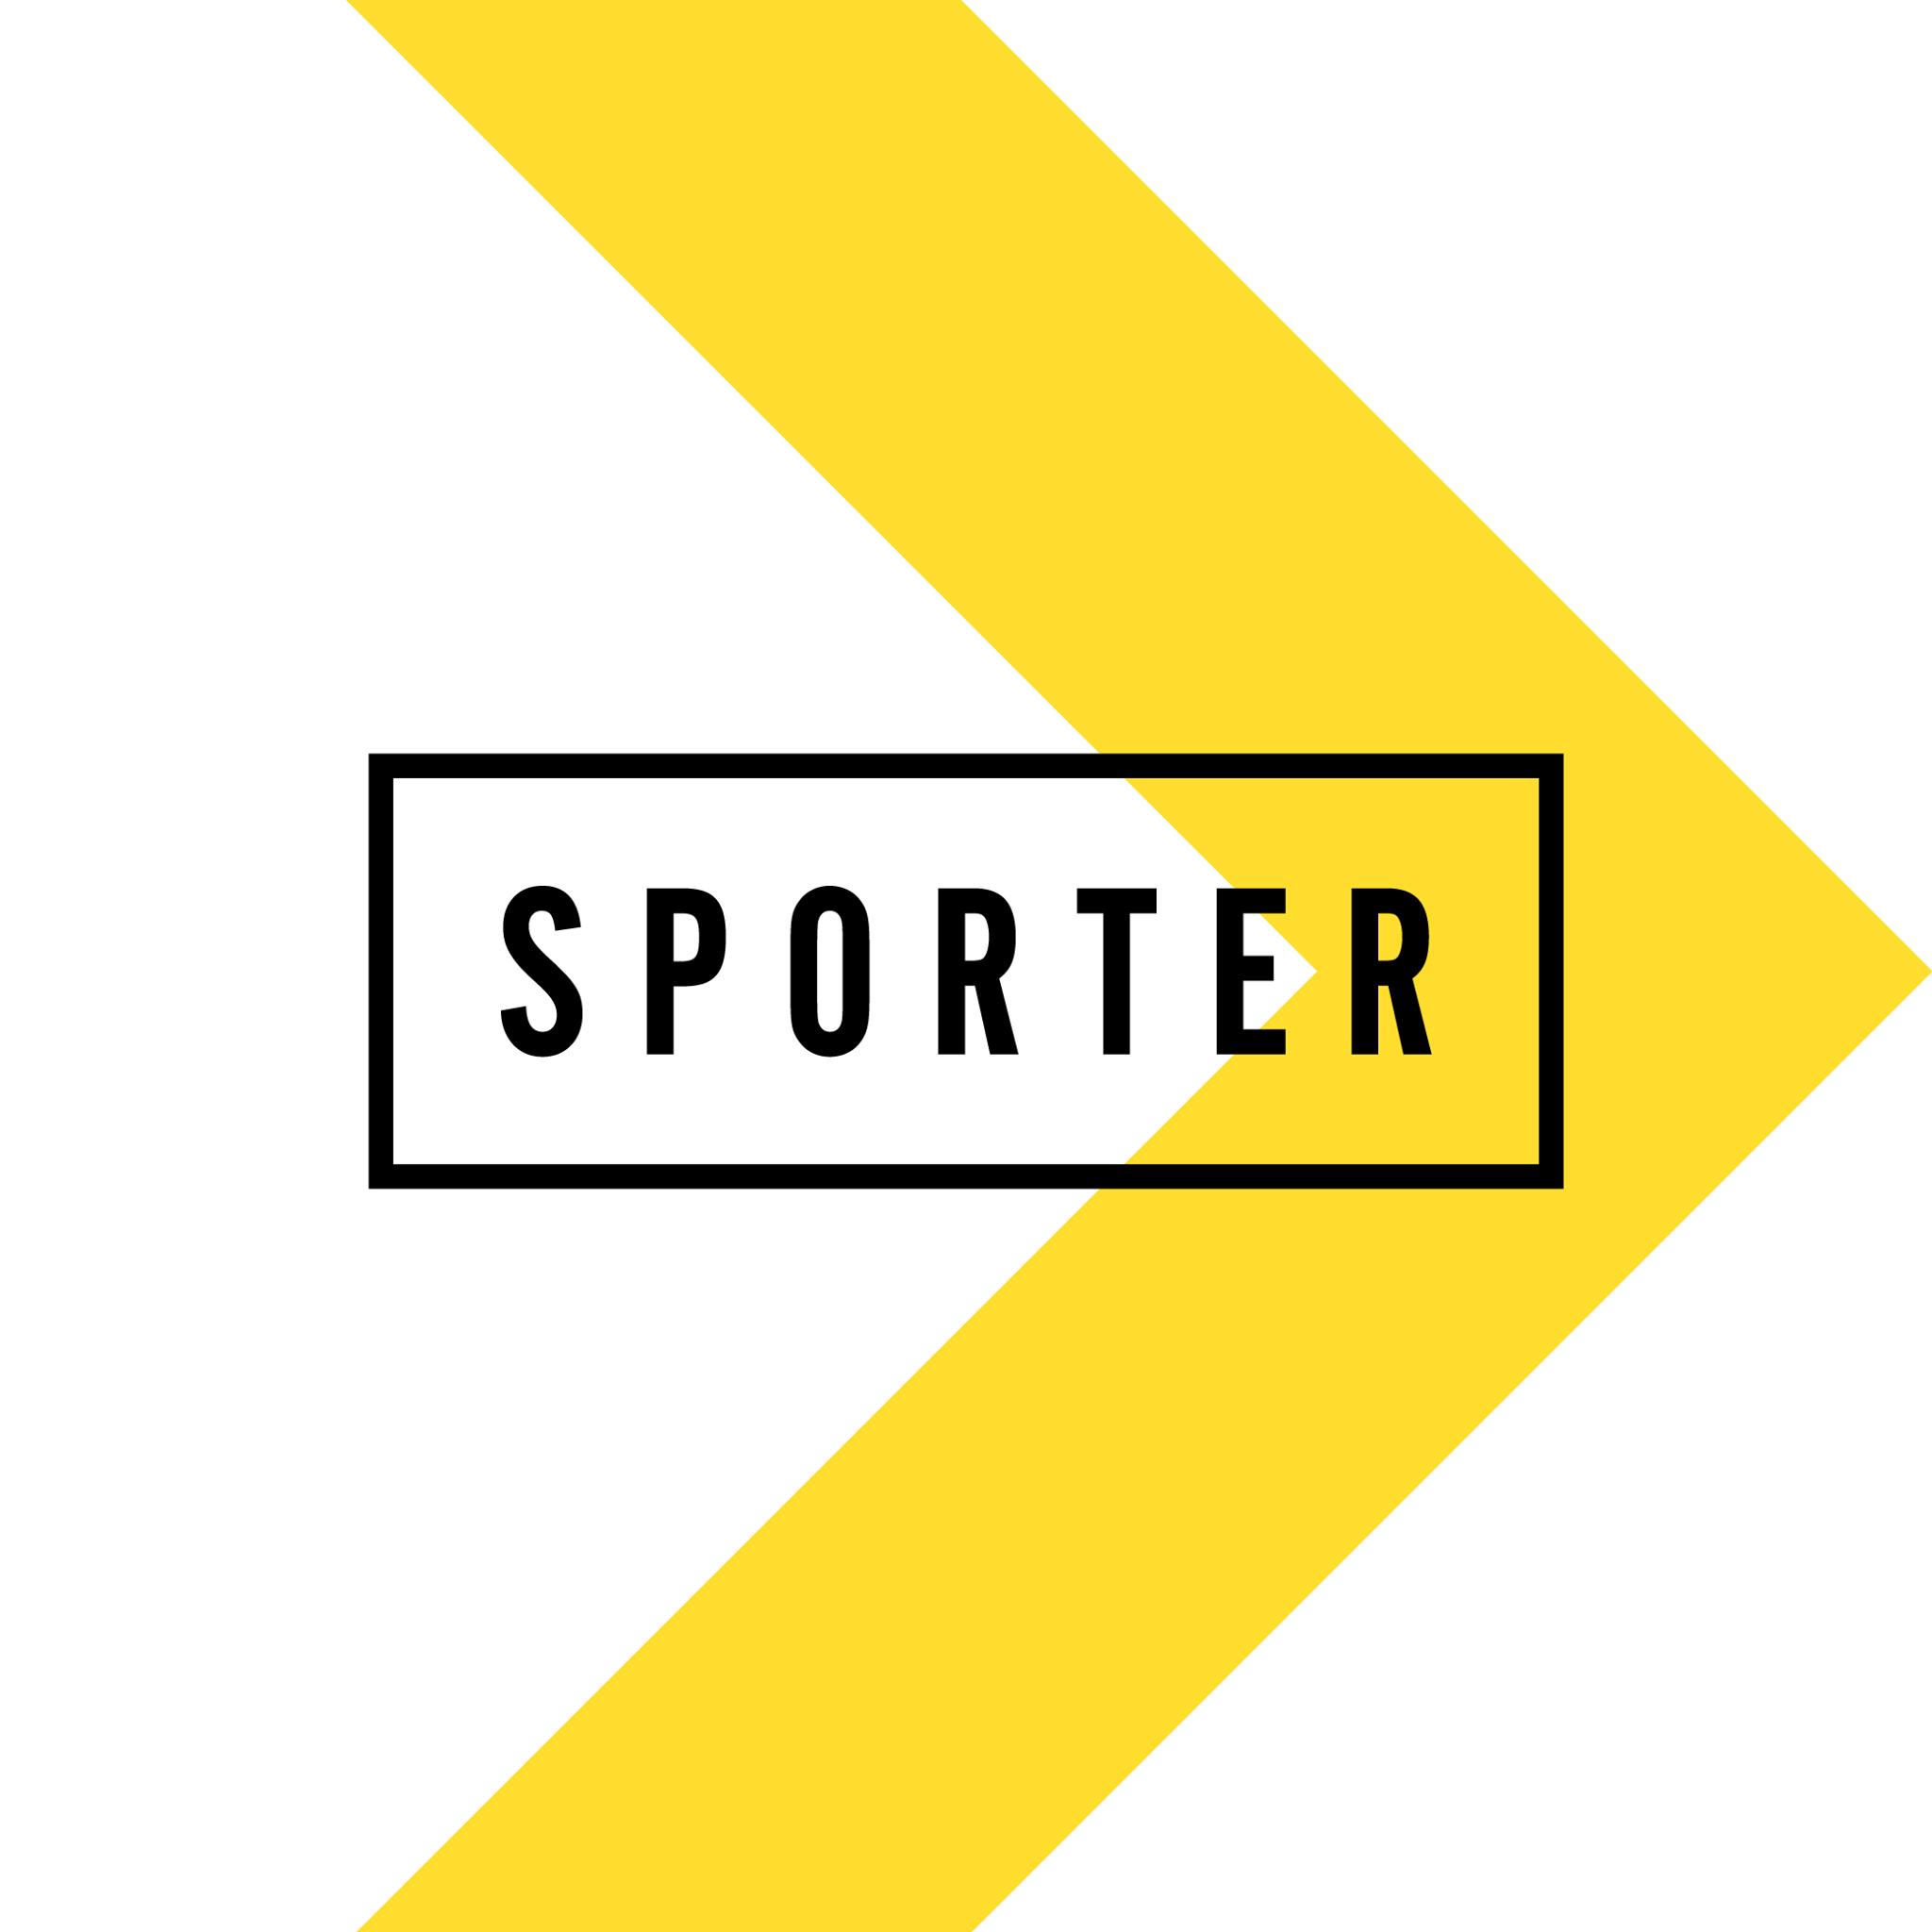 سبورتر مصر Sporter